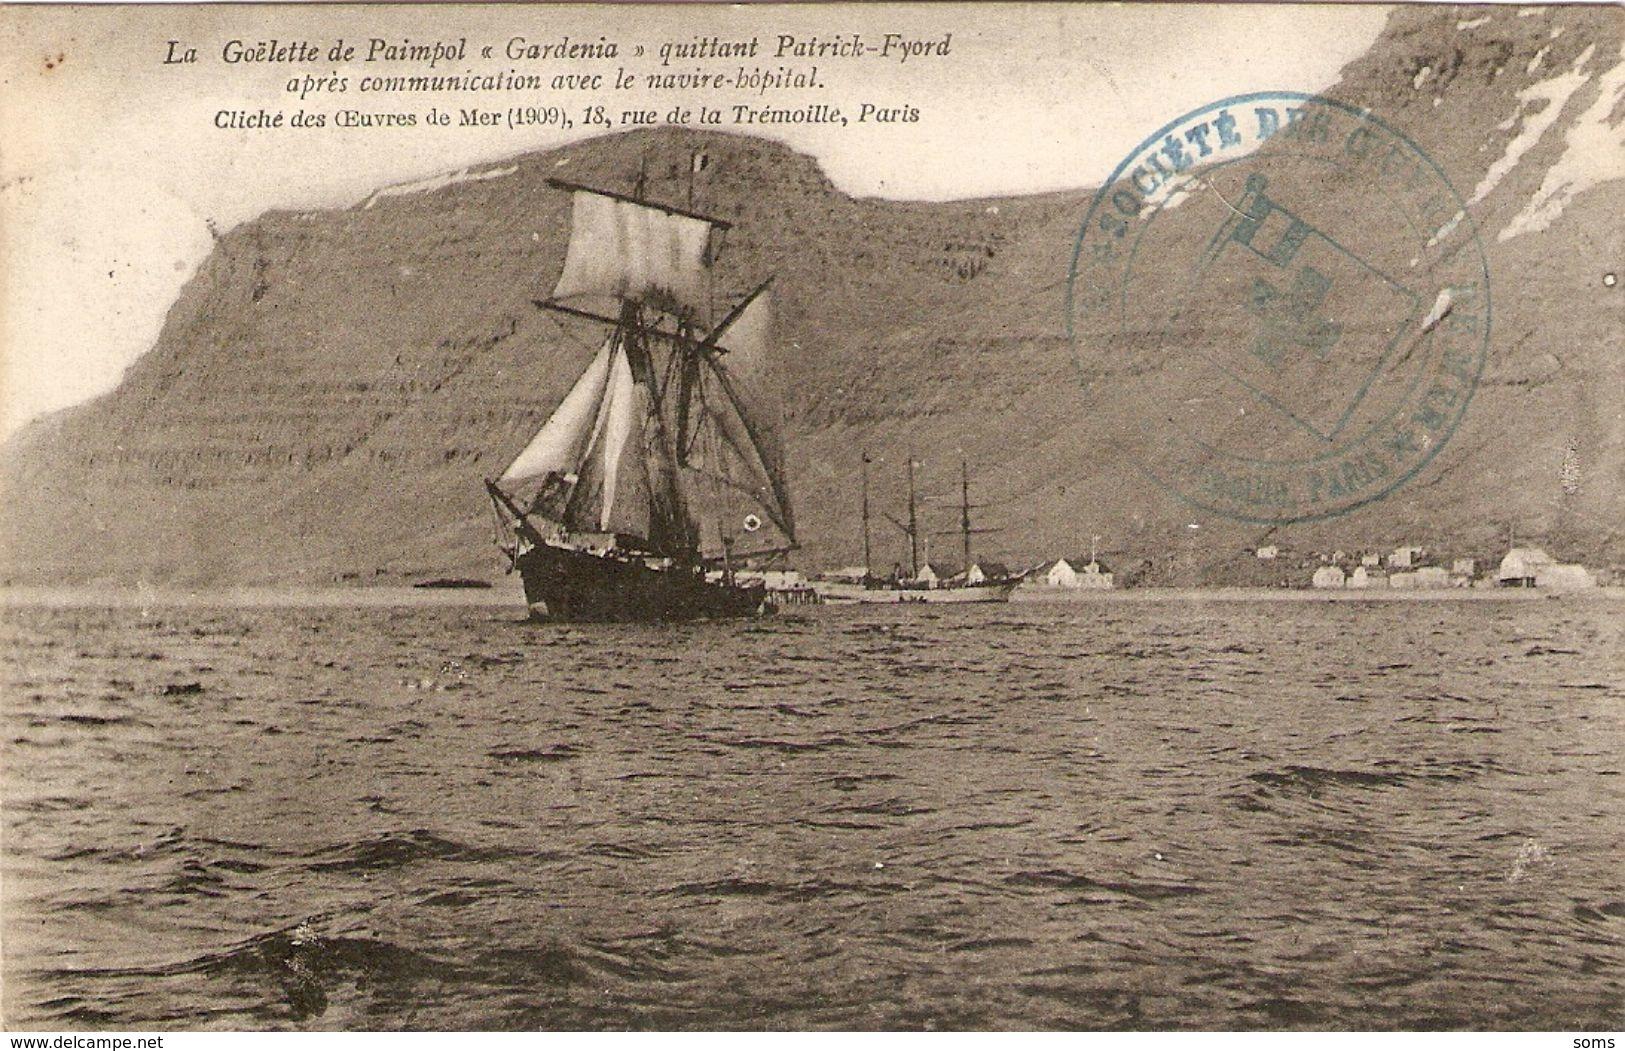 """La Goélette De Paimpol """"Gardenia"""" Quittant Patrick-Fyord, Cliché  + Tampon Des Oeuvres De La Mer, 1909 - Voiliers"""